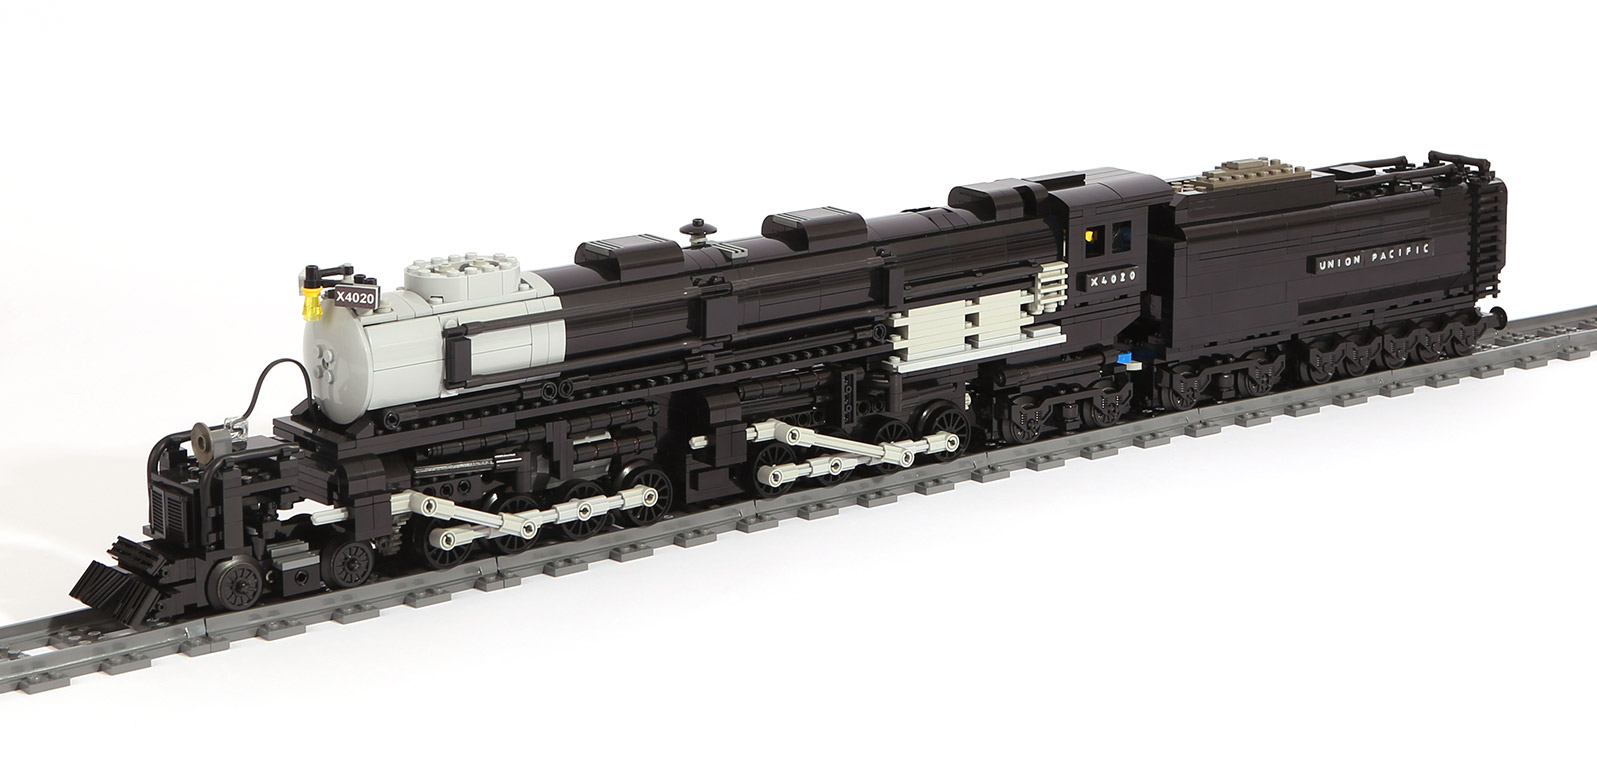 Dampflok-Baureihe X4020 Mallet BIG BOY (eigene Modelle)